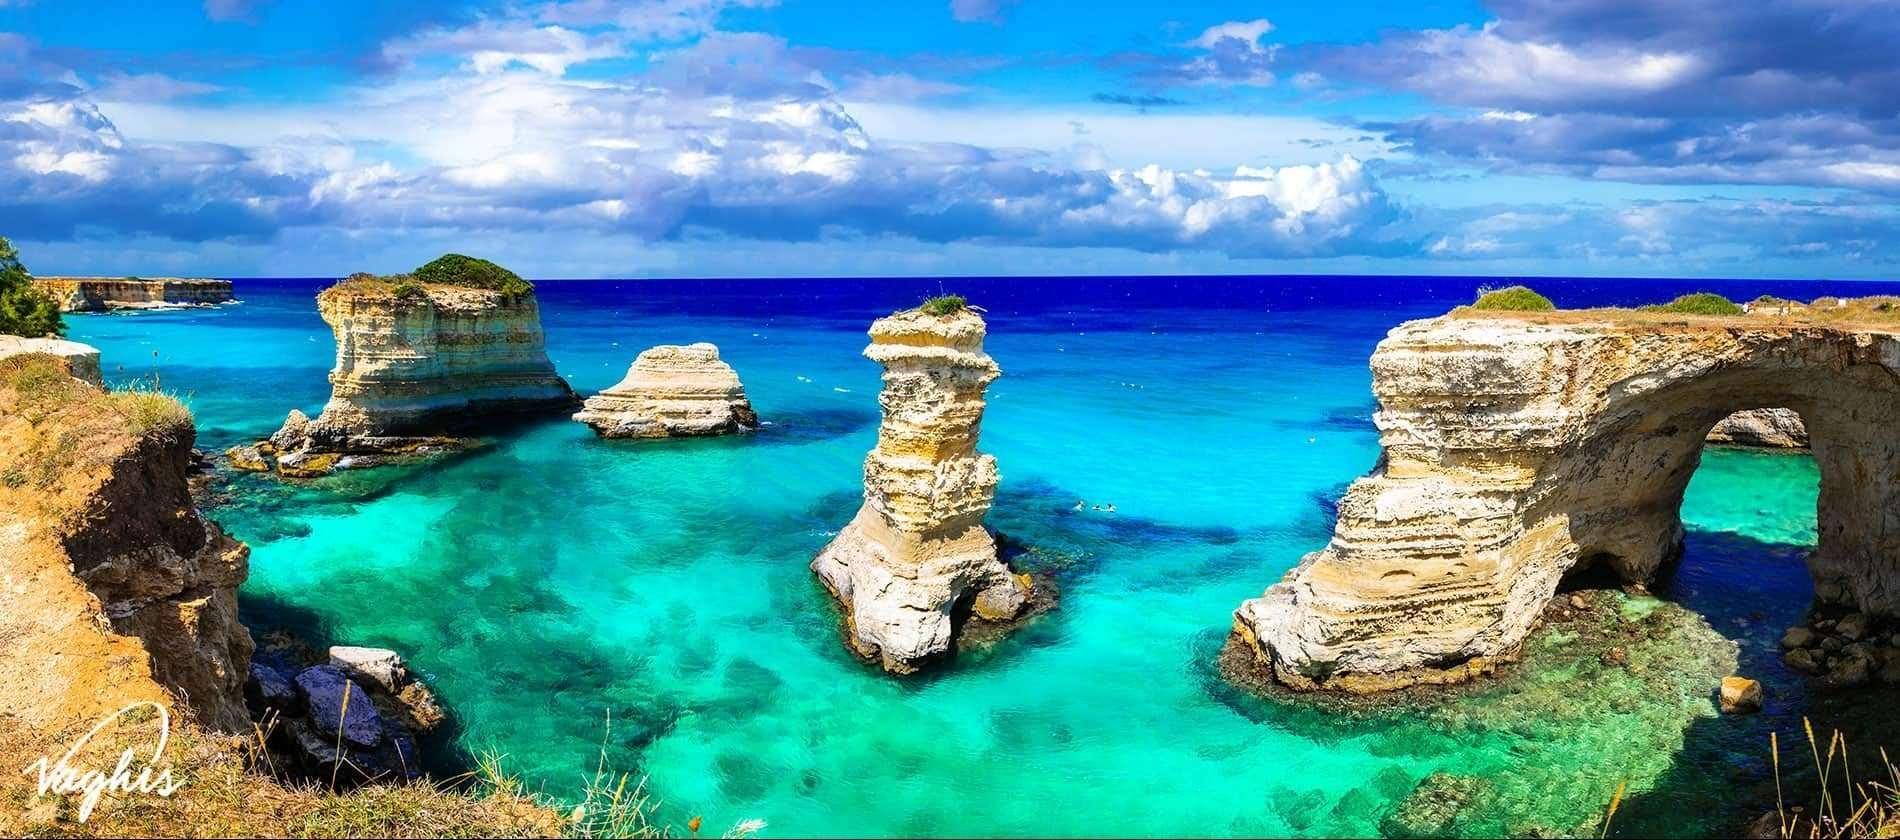 Salento: Torre di sant'Andrea - © Vaghis viaggi & turismo Italia - Tutti i diritti riservati